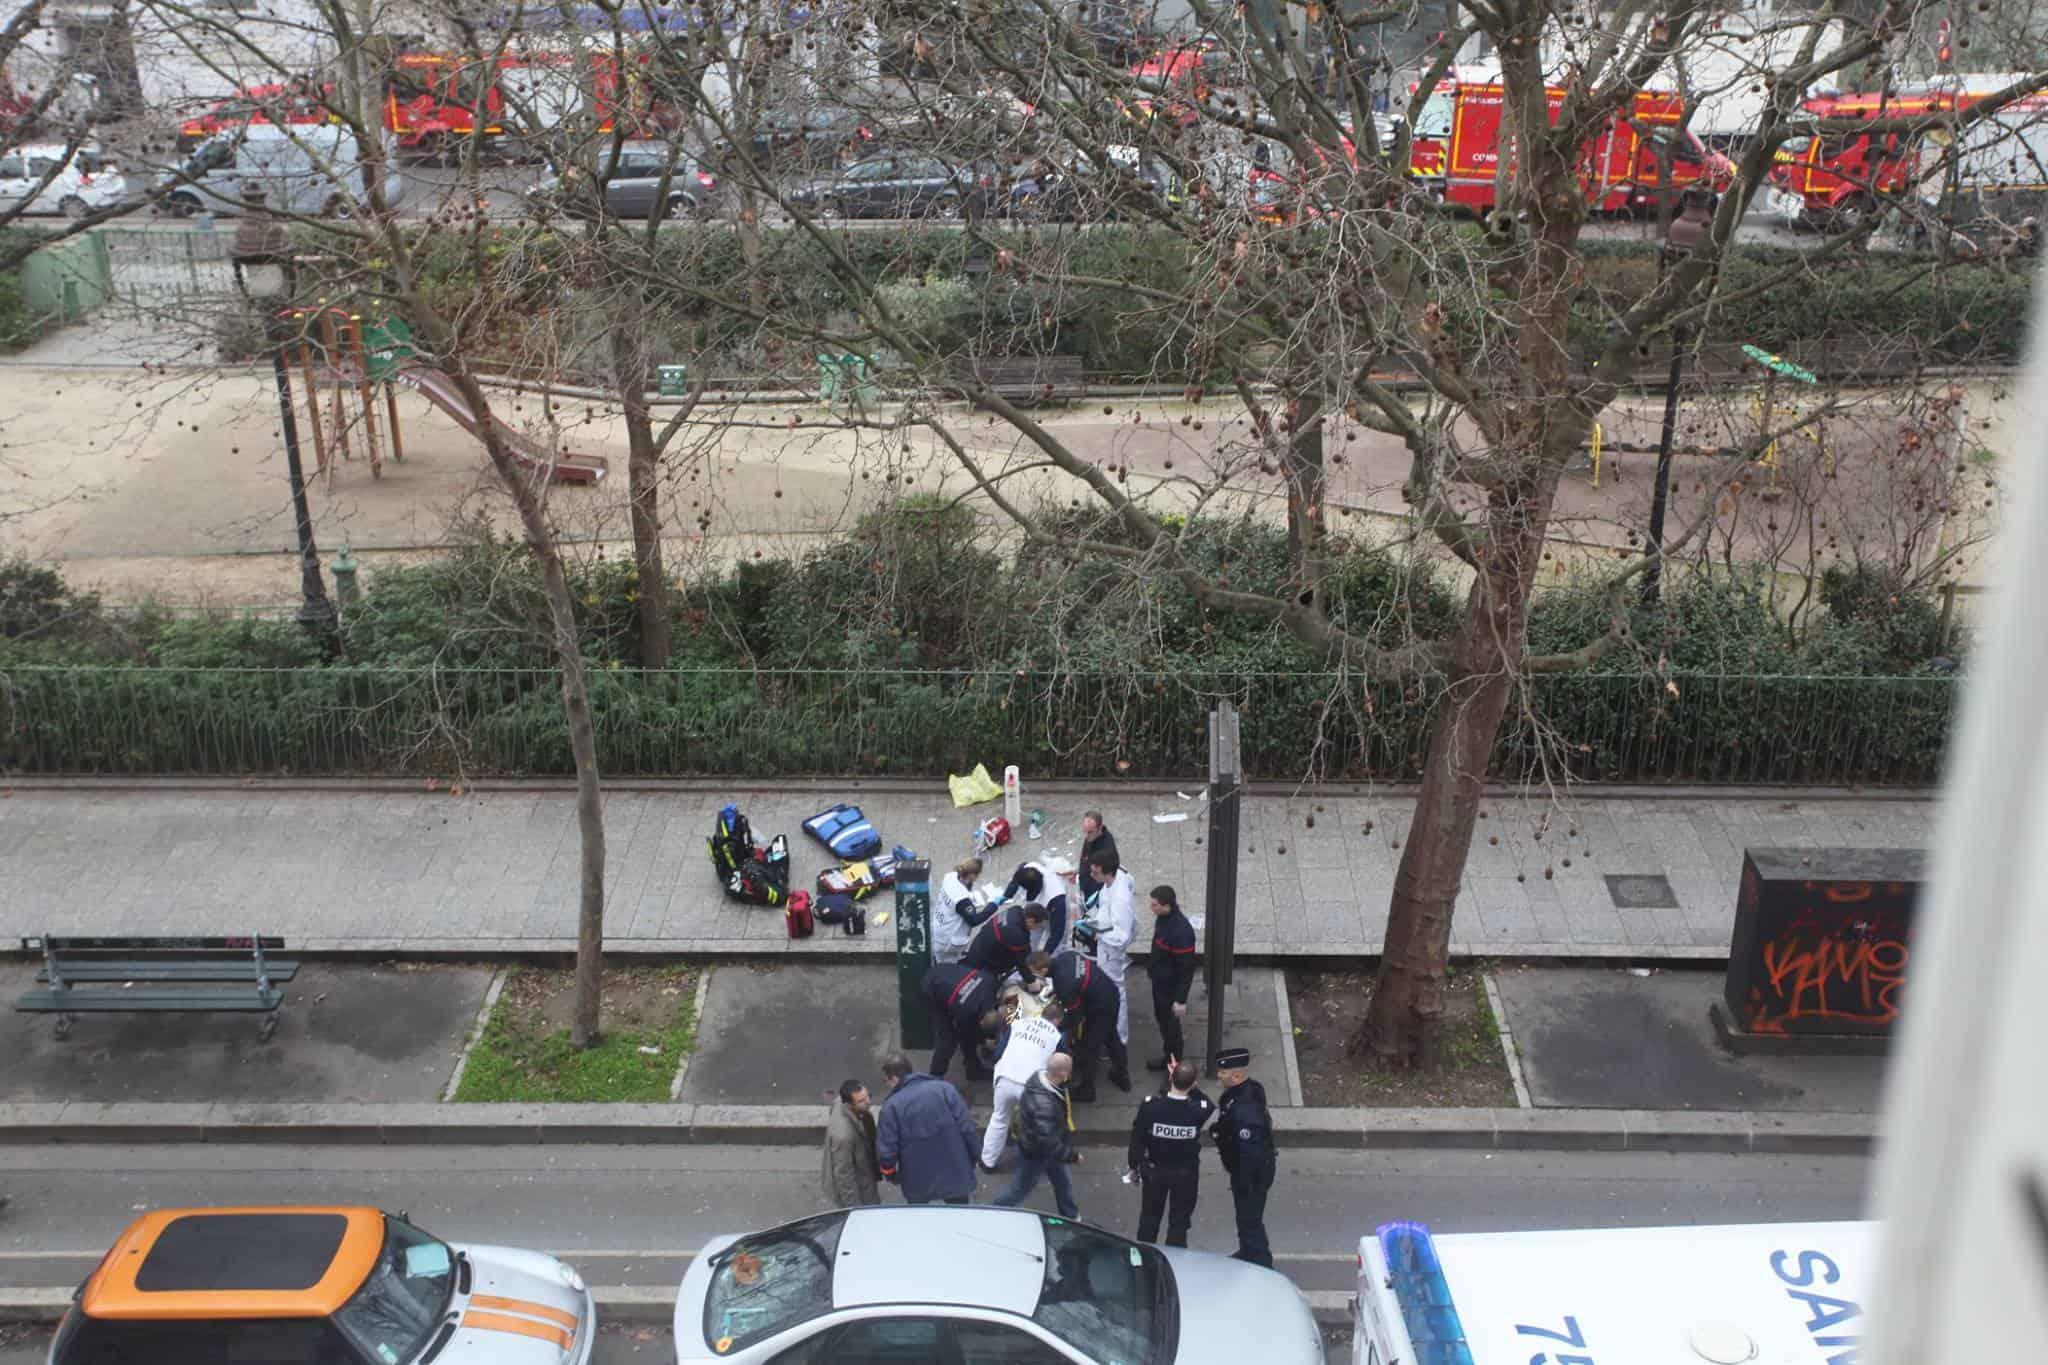 Des secours viennent en aide à des blessés par les auteurs de l'attaque contre Charlie Hebdo